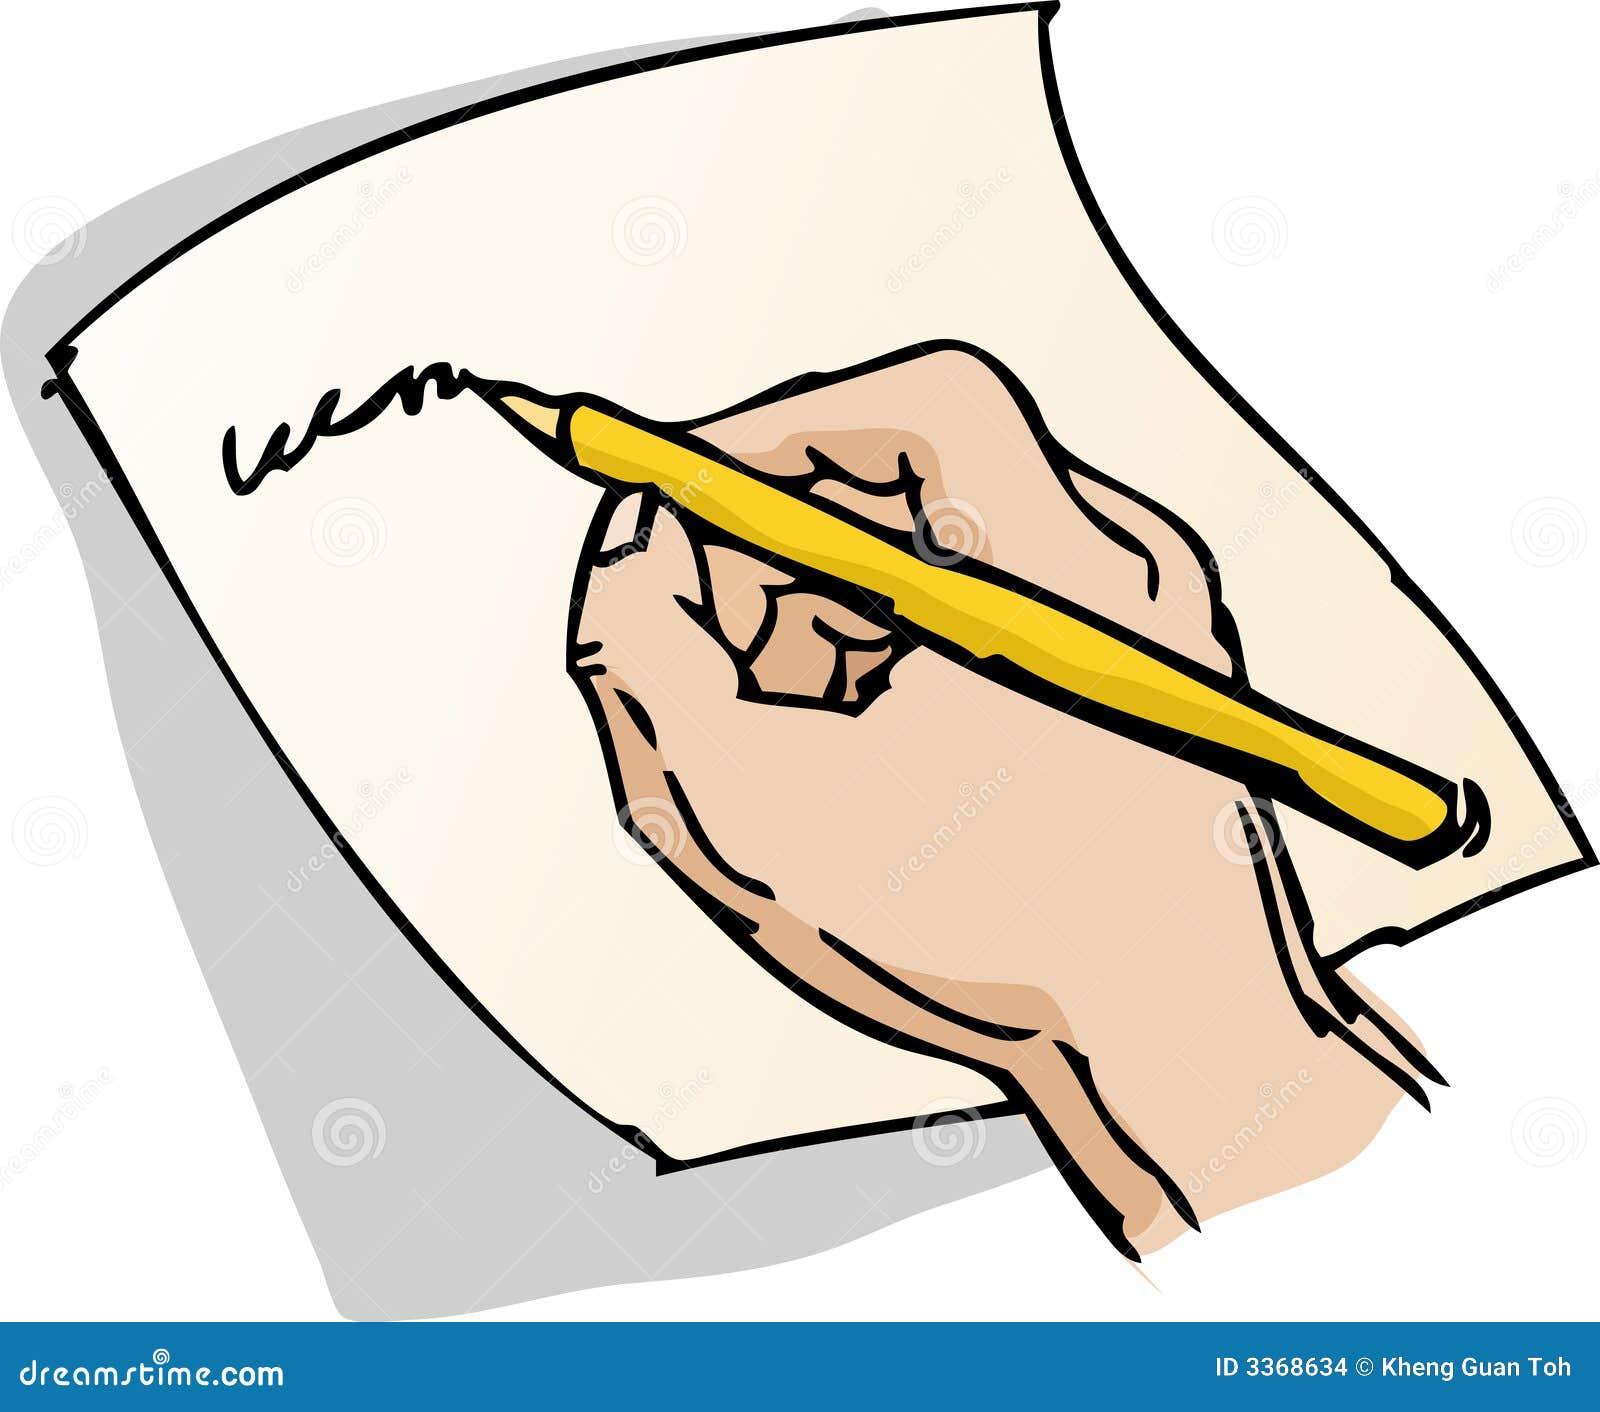 Hoe je een essay schrijft